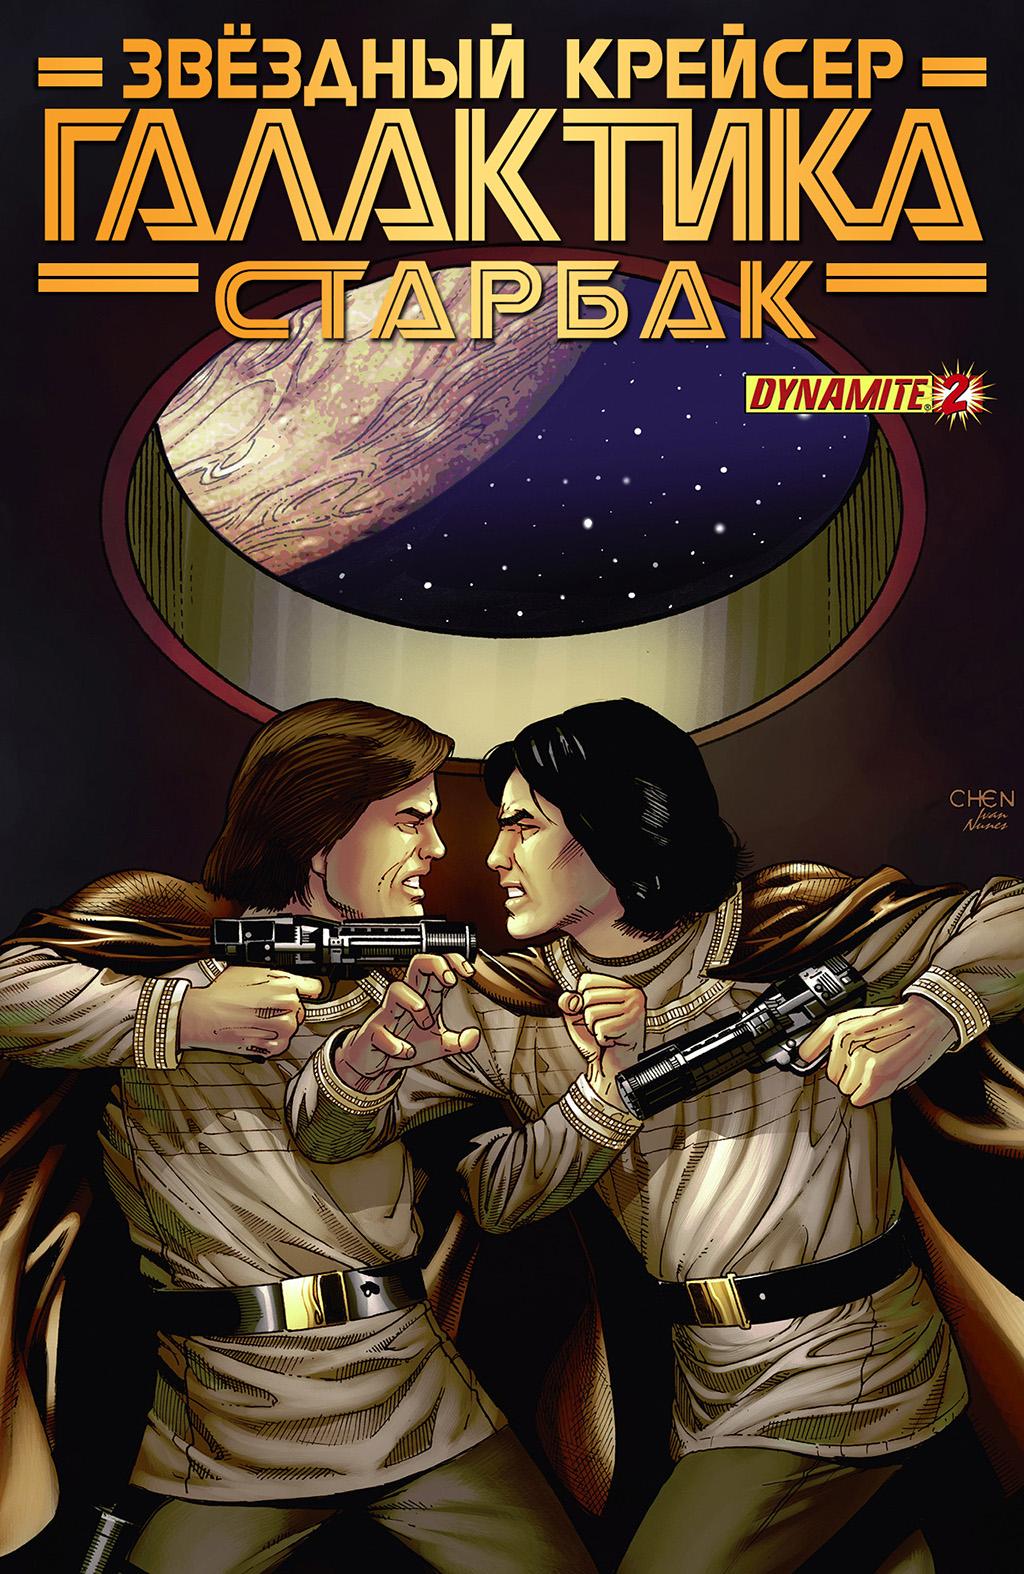 Комикс Классический Звездный Крейсер Галактика: Старбак